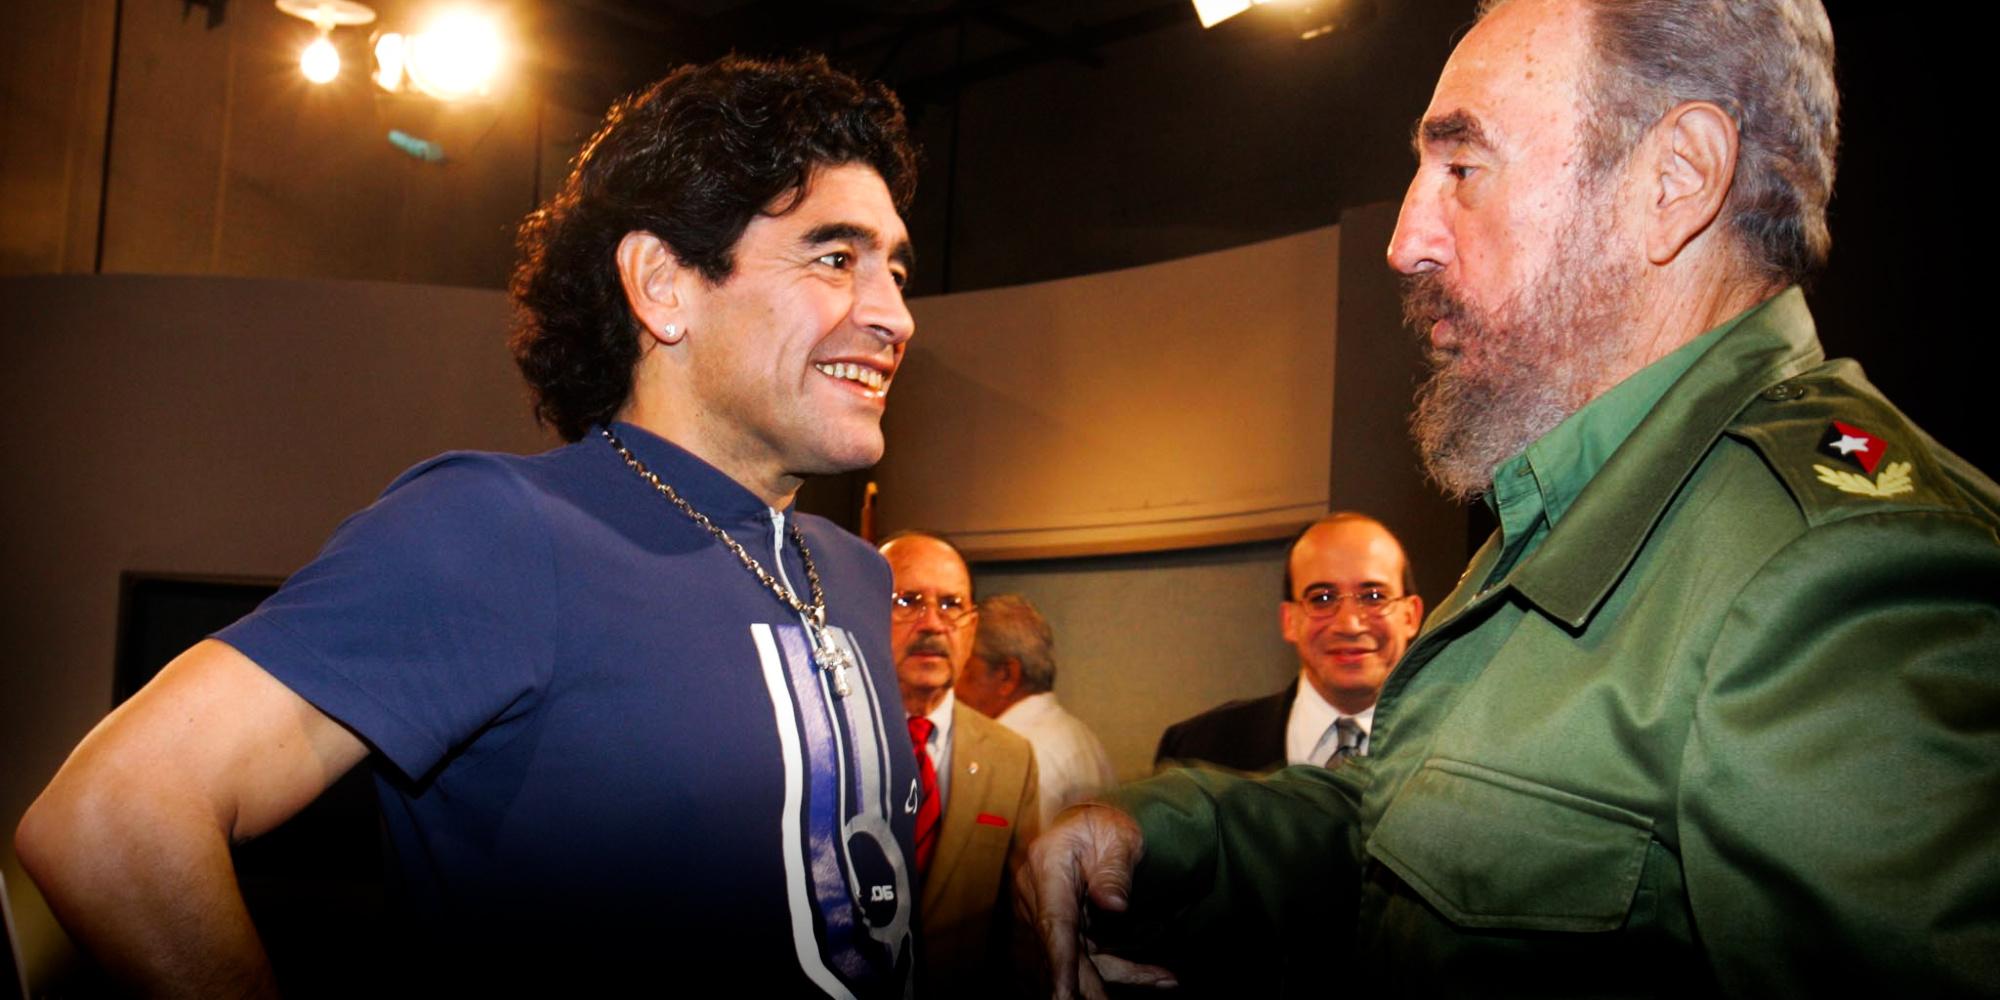 Argentine : Maradona la légende, Diego l'engagé